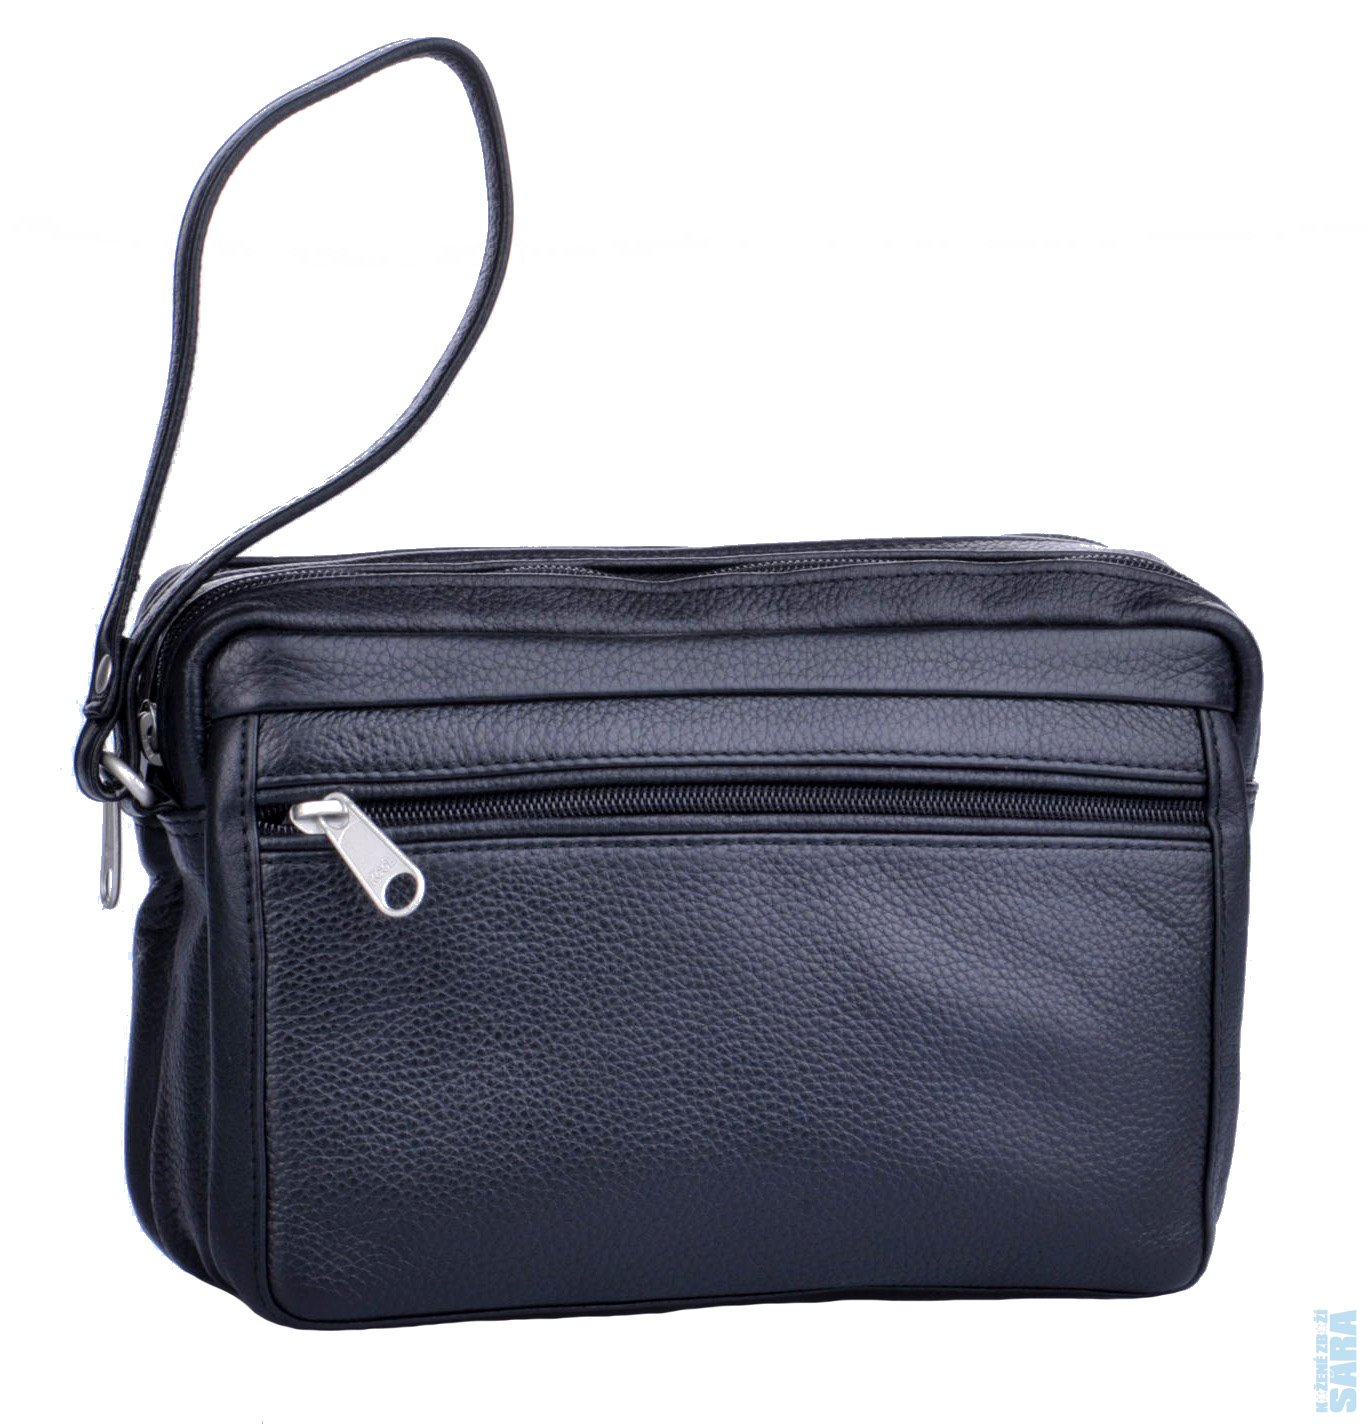 706df1cb51 kožená taška na doklady 8011 černá